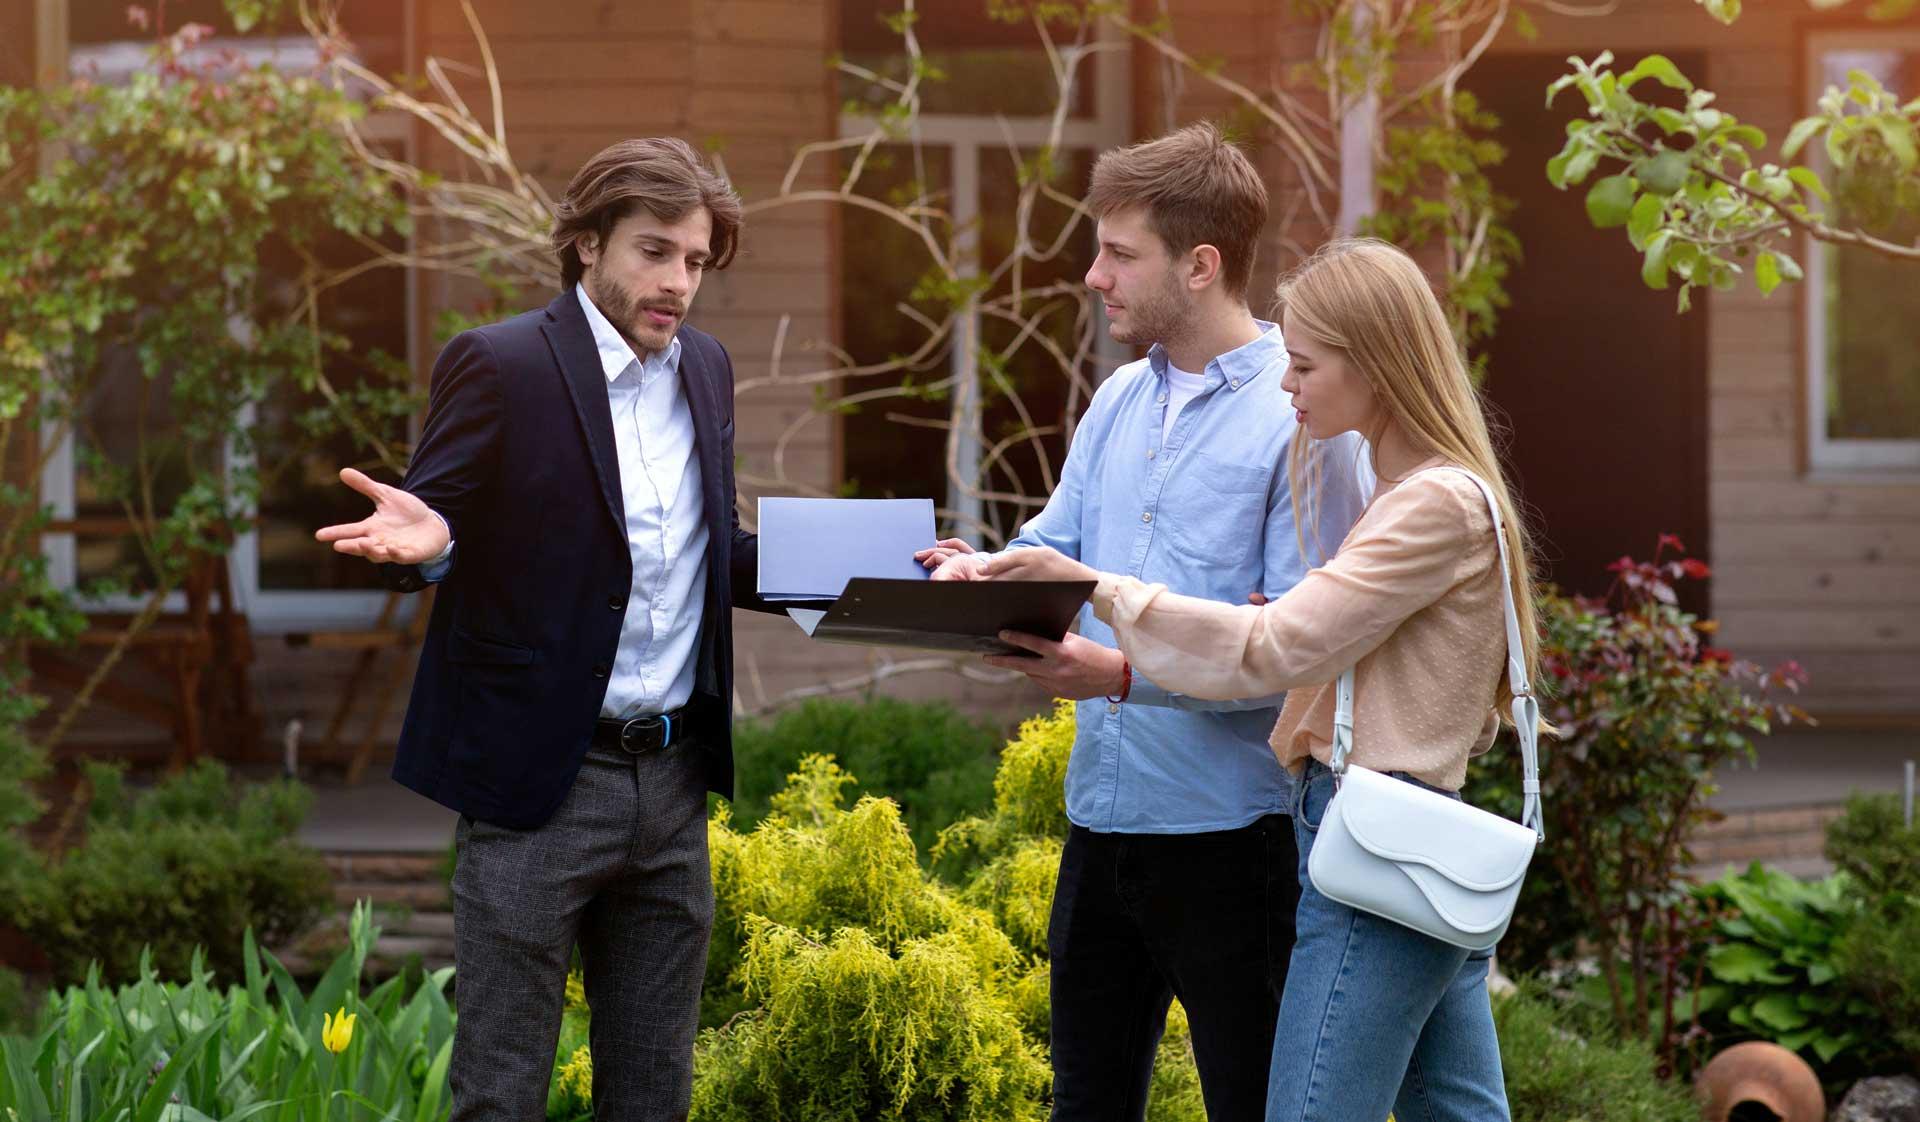 Verärgerte Kunden Hauskauf Immobilienrecht, Baumängel, Makler,